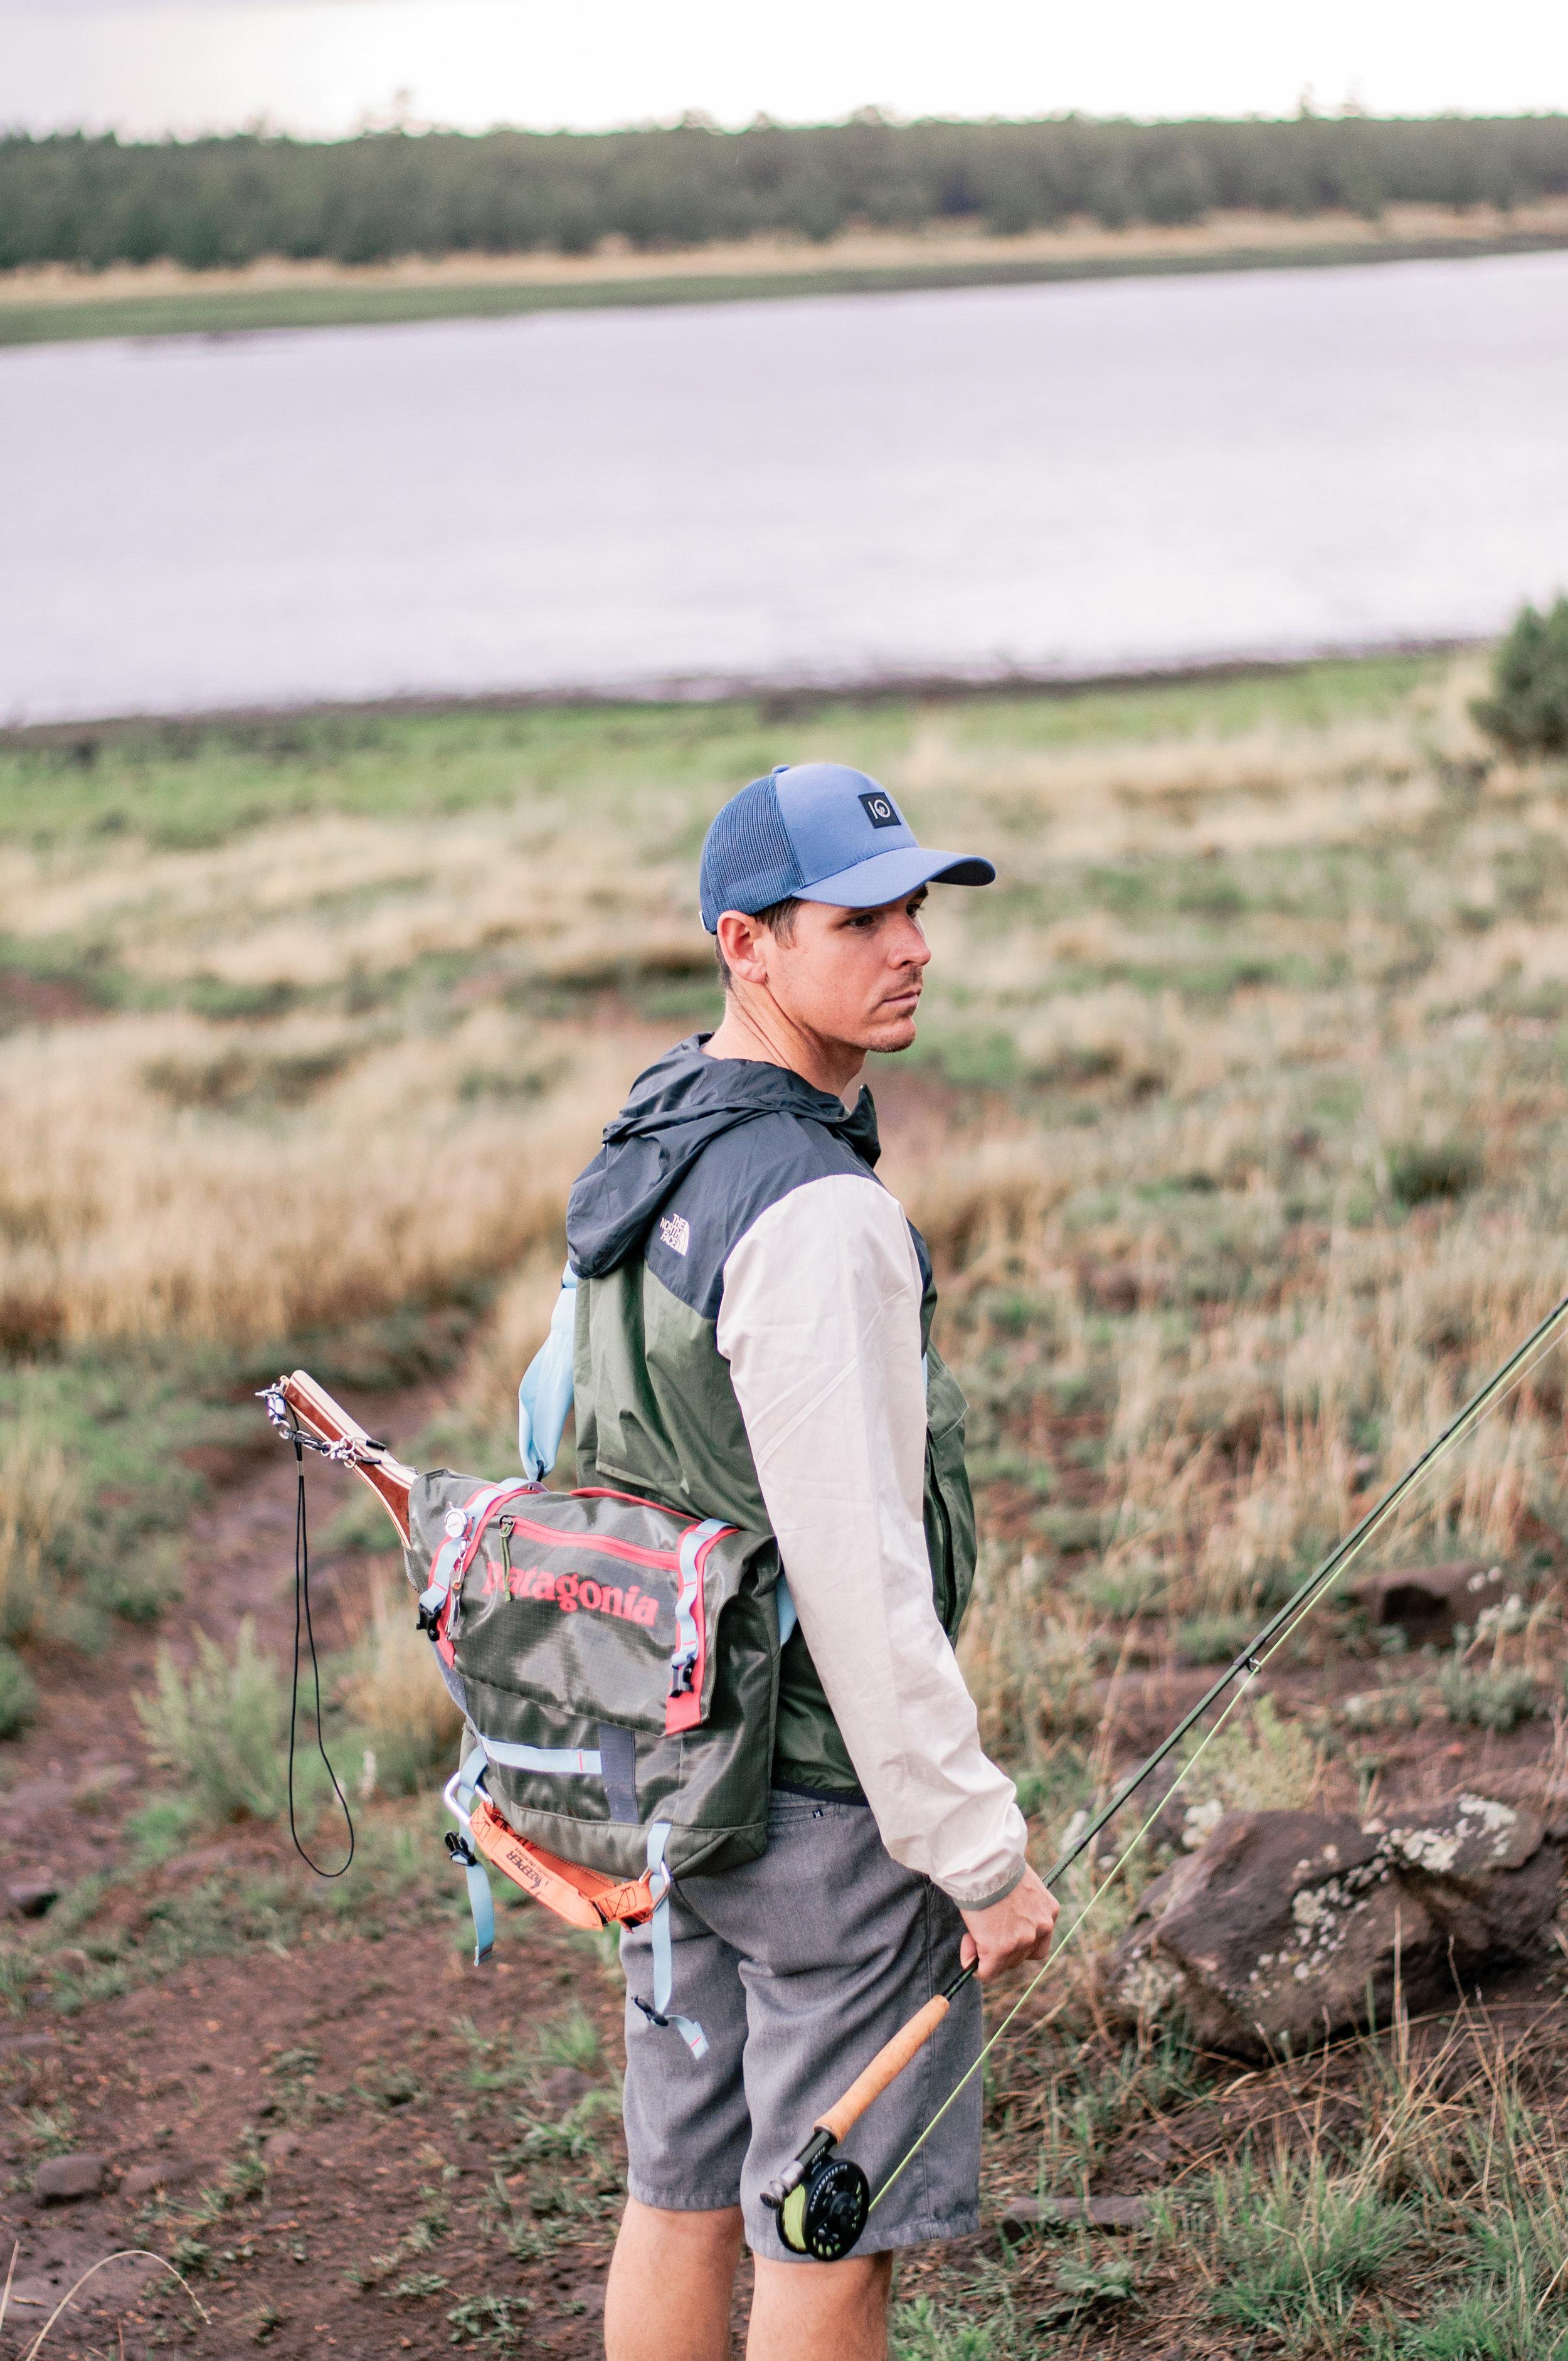 The Best Men's Outdoor Adventure Clothing Essentials